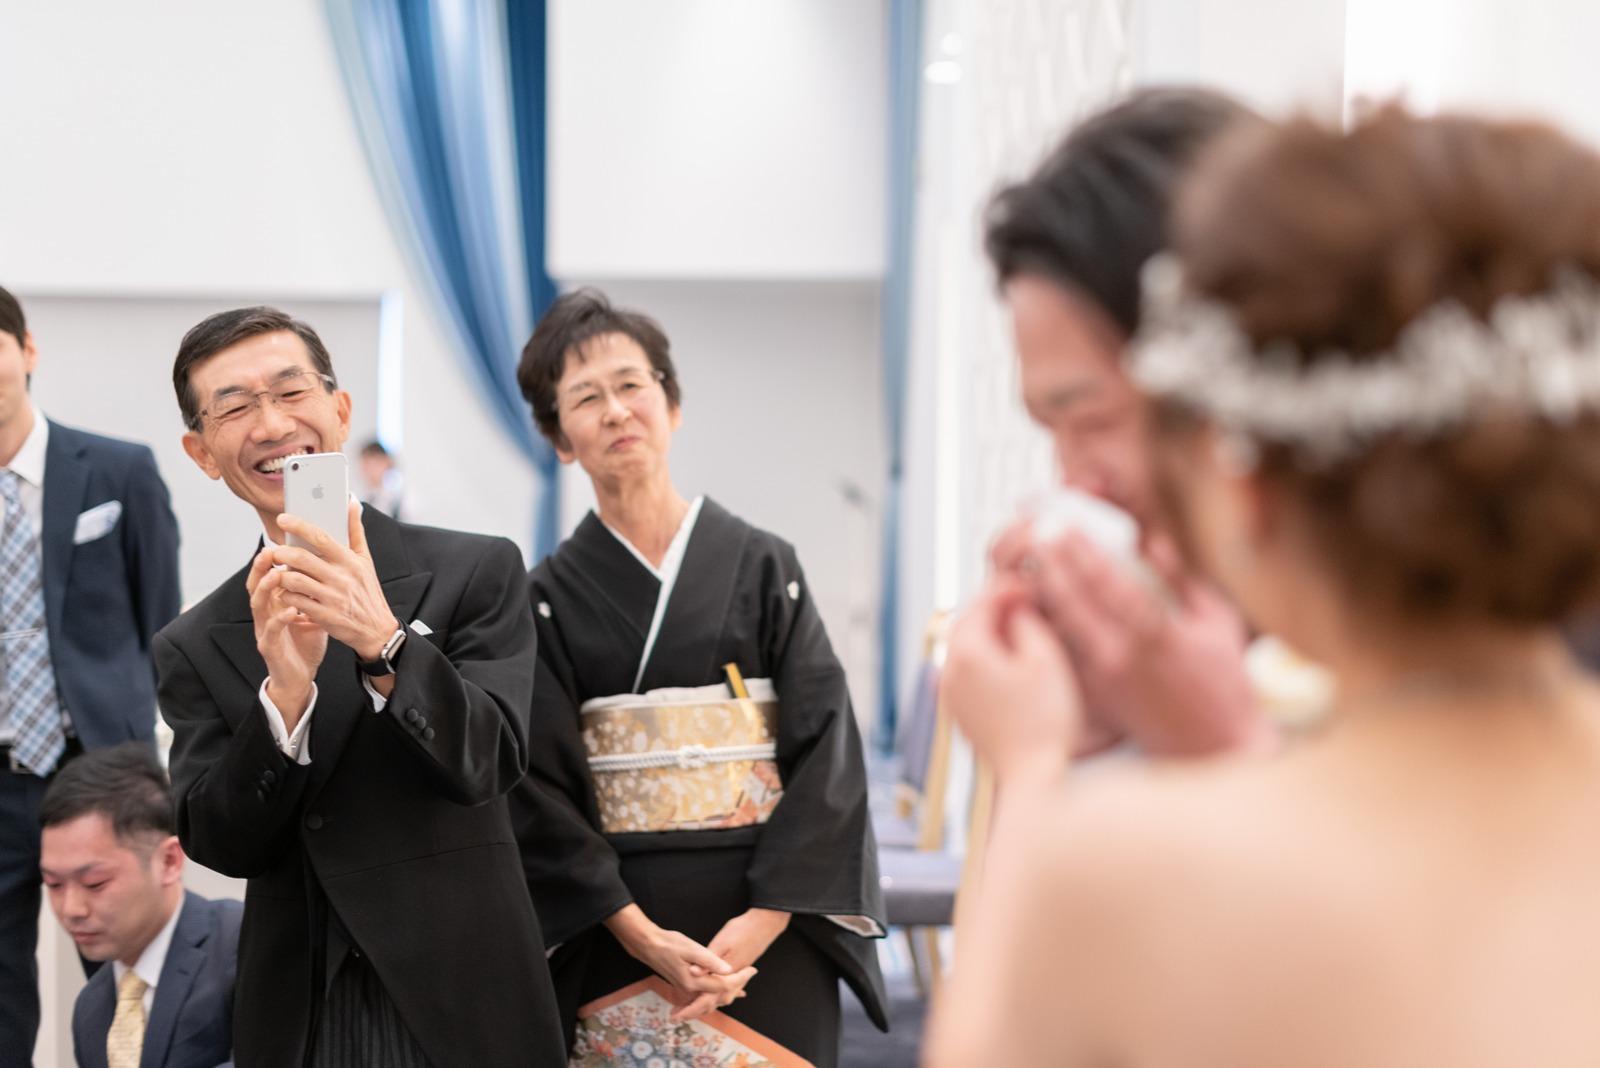 香川県の結婚式場のシェルエメール&アイスタイル ケーキセレモニー